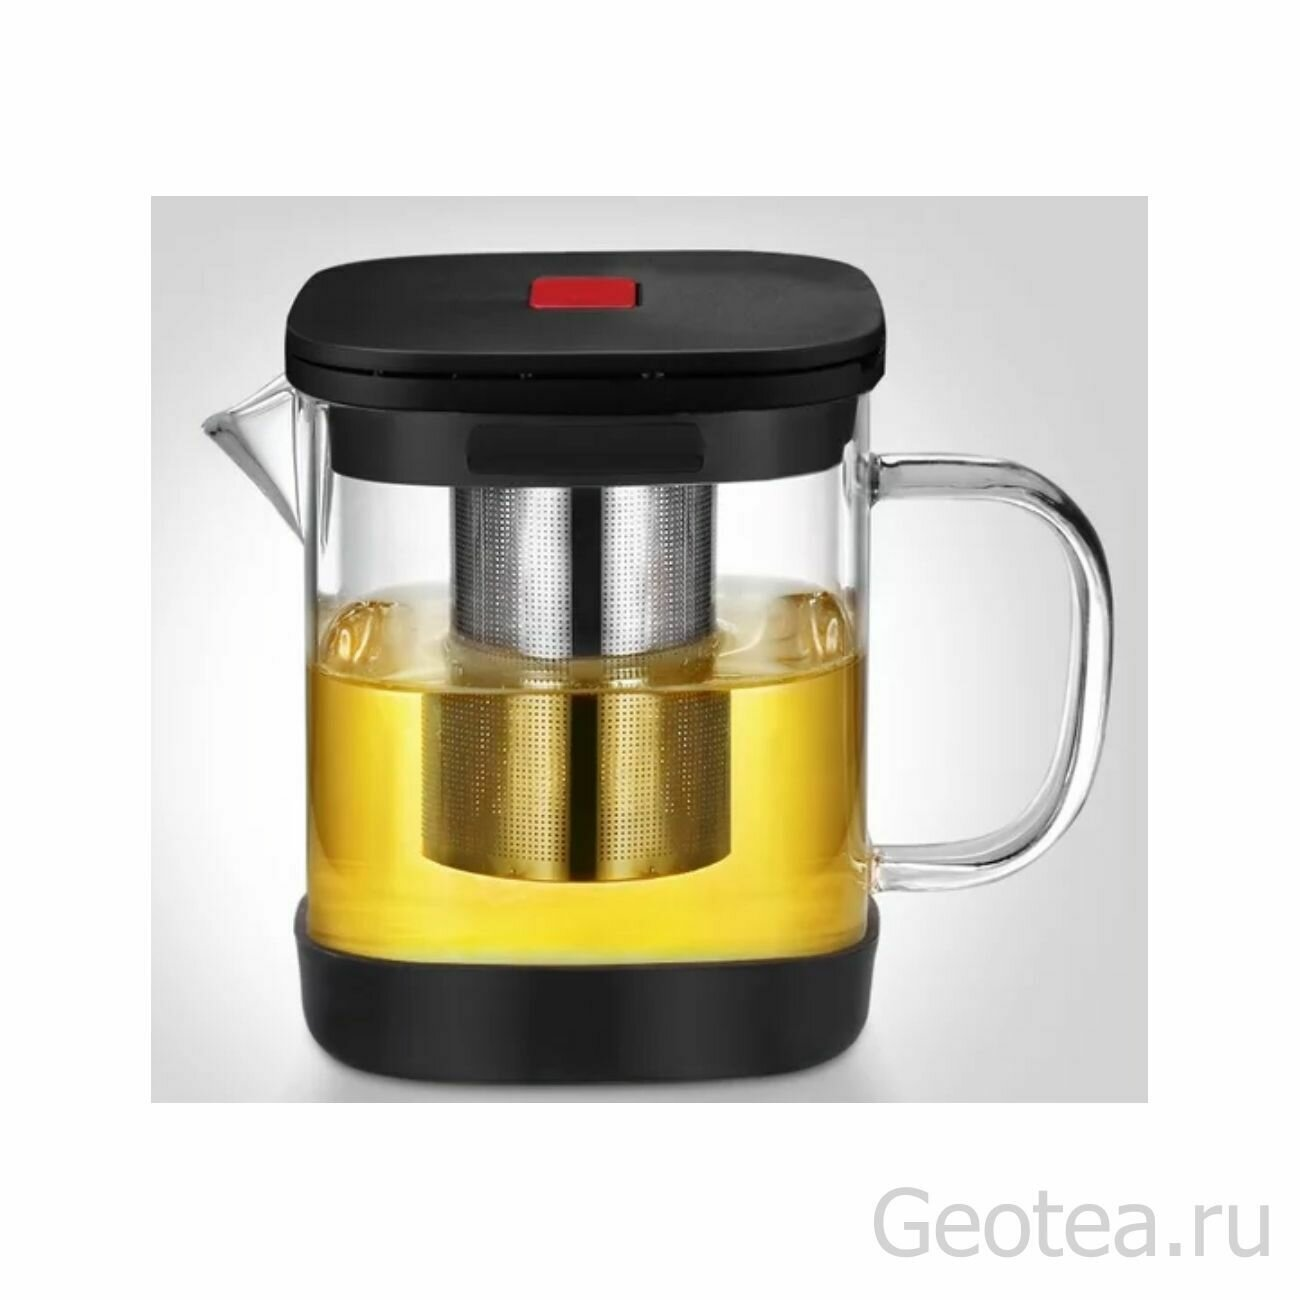 Чайник 1,1 л с кнопкой, металлическое сито